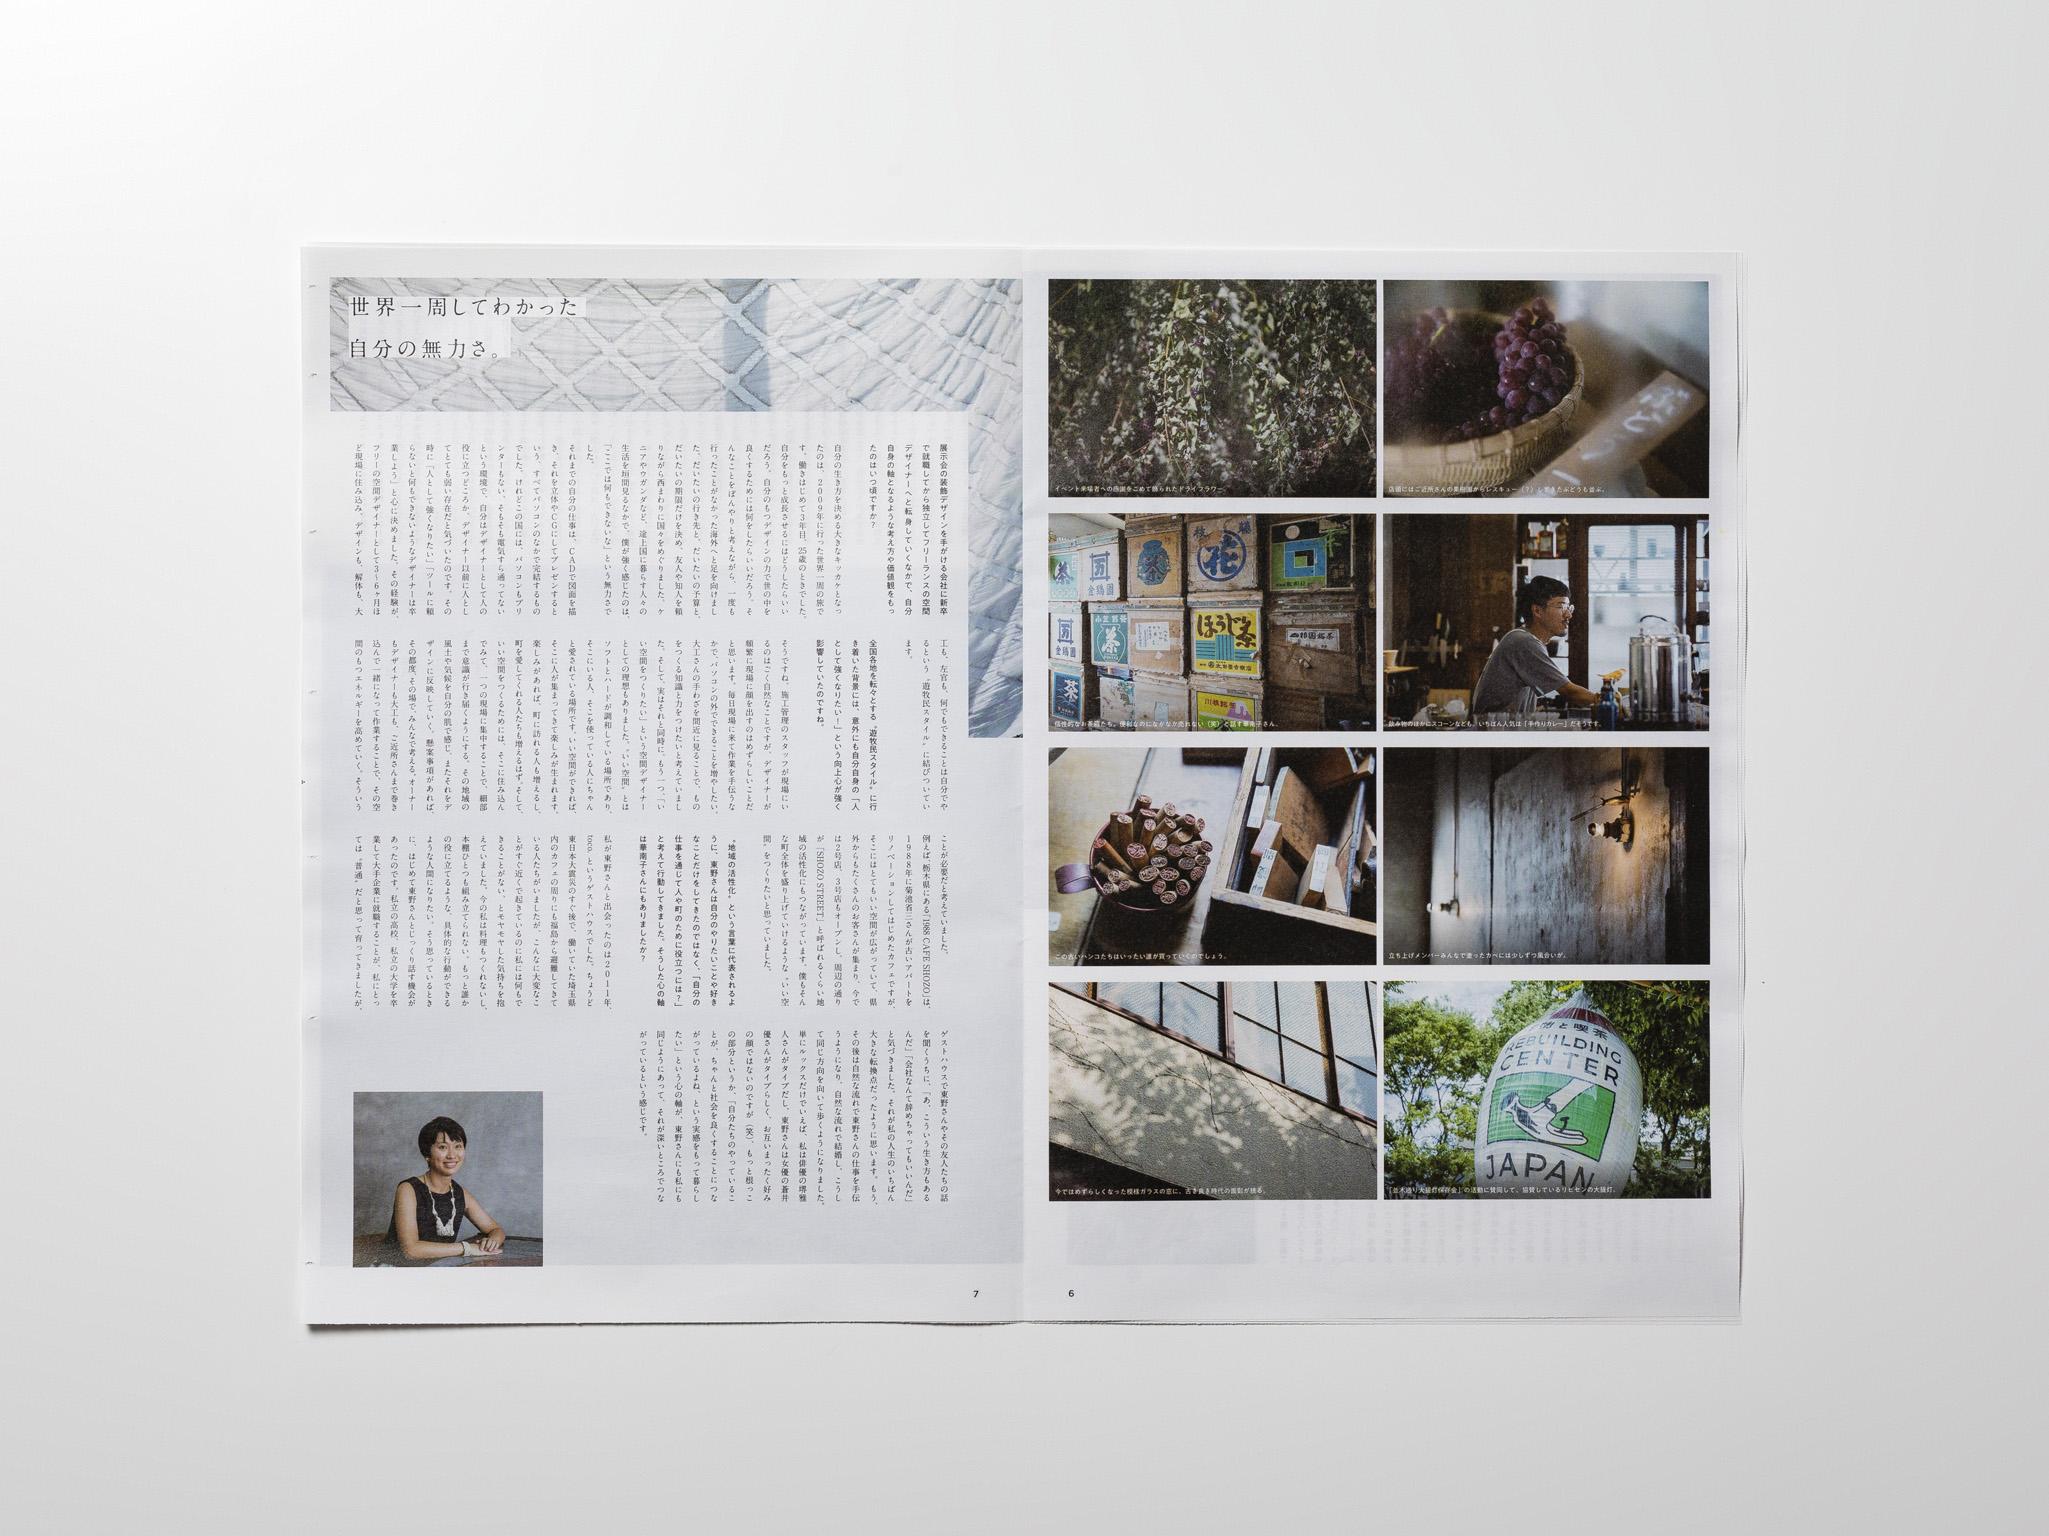 フリーマガジン 410 シテン 名古屋 ブランディング リビセン リビルディングセンタージャパン